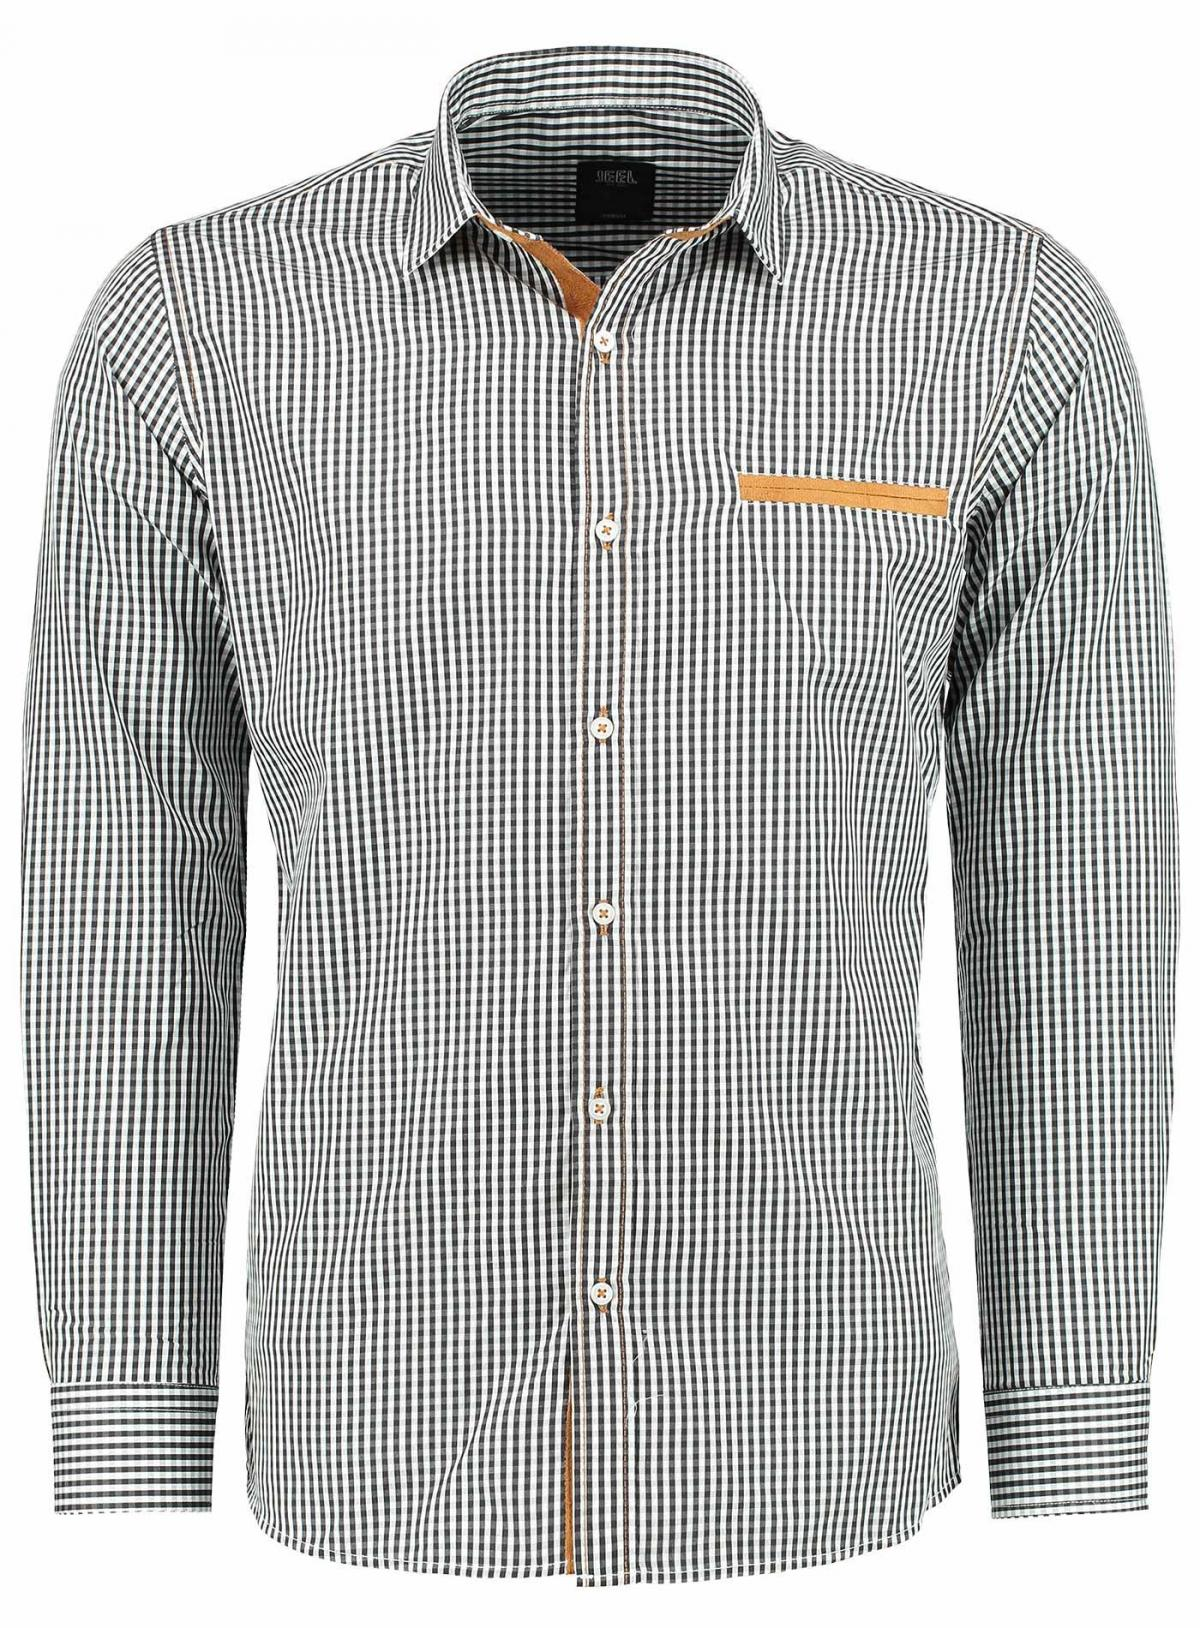 Pánská Košile Checkered - Kostkovaná černá bílá - 1418 - slim ... 95fd62c857